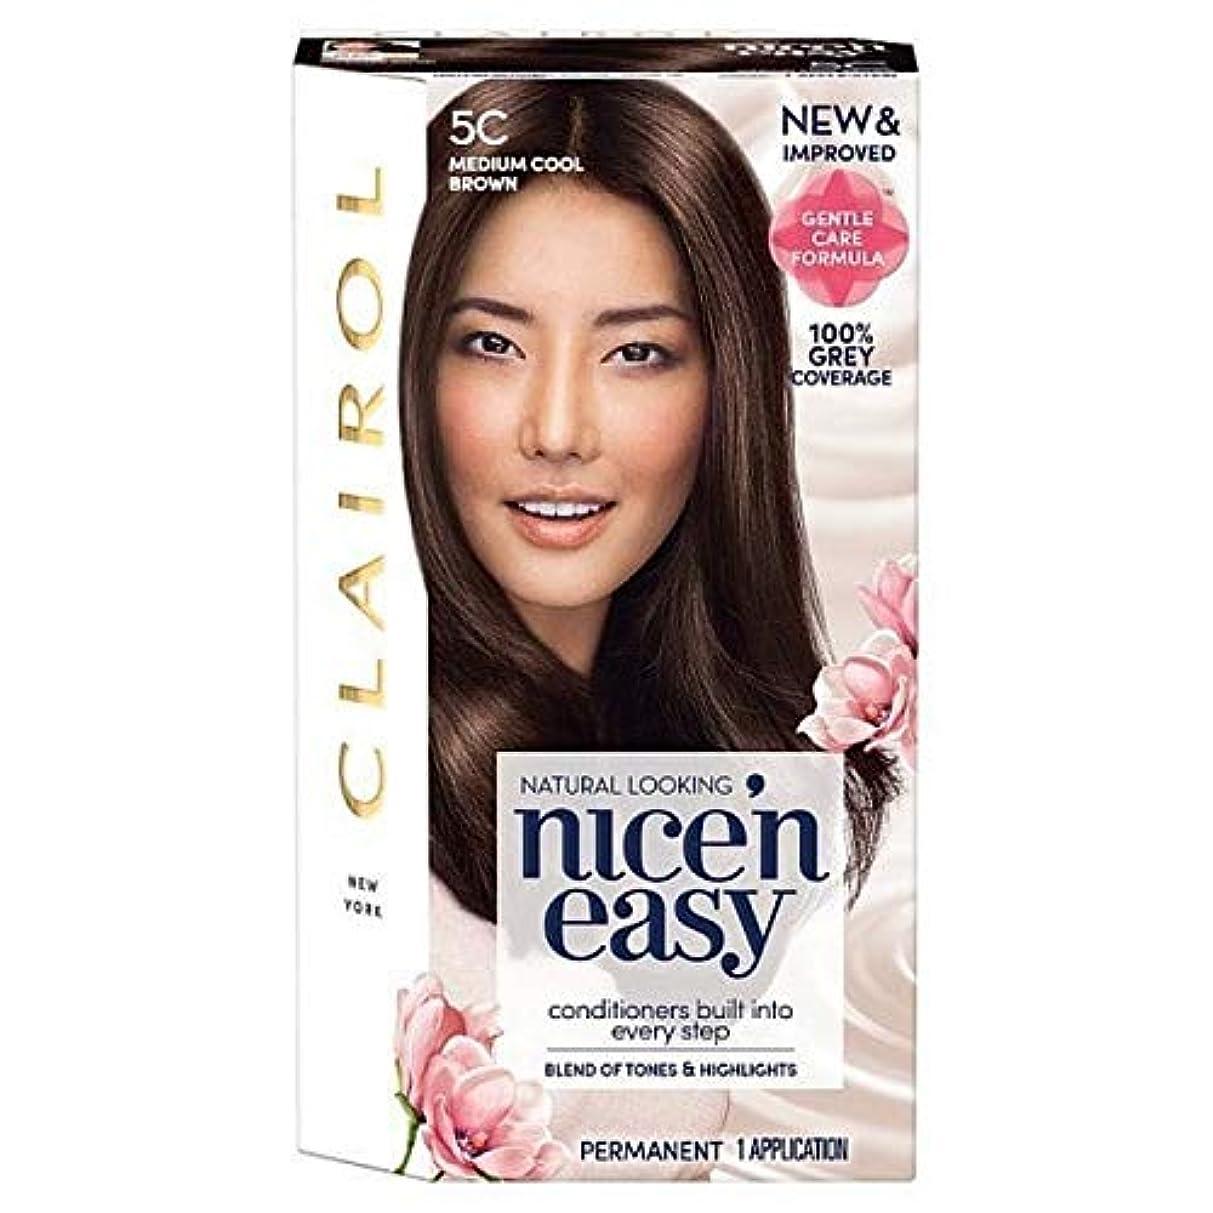 ステーキオート切る[Nice'n Easy] Nice'N簡単な図5C媒体クールブラウン - Nice'n Easy 5C Medium Cool Brown [並行輸入品]